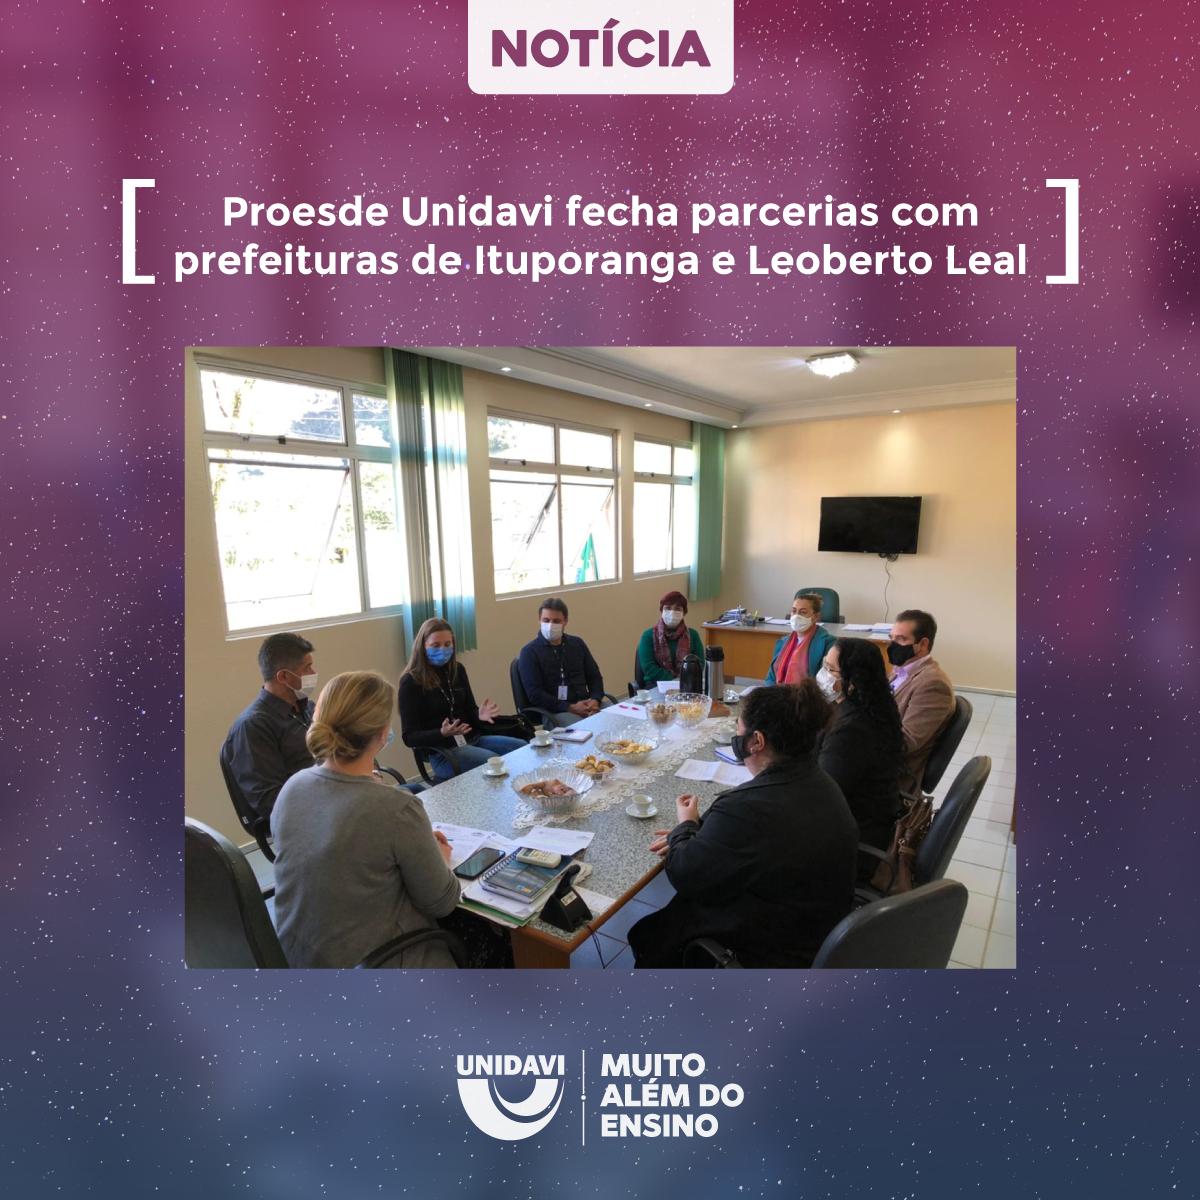 Proesde Unidavi fecha parcerias com prefeituras de Ituporanga e Leoberto Leal